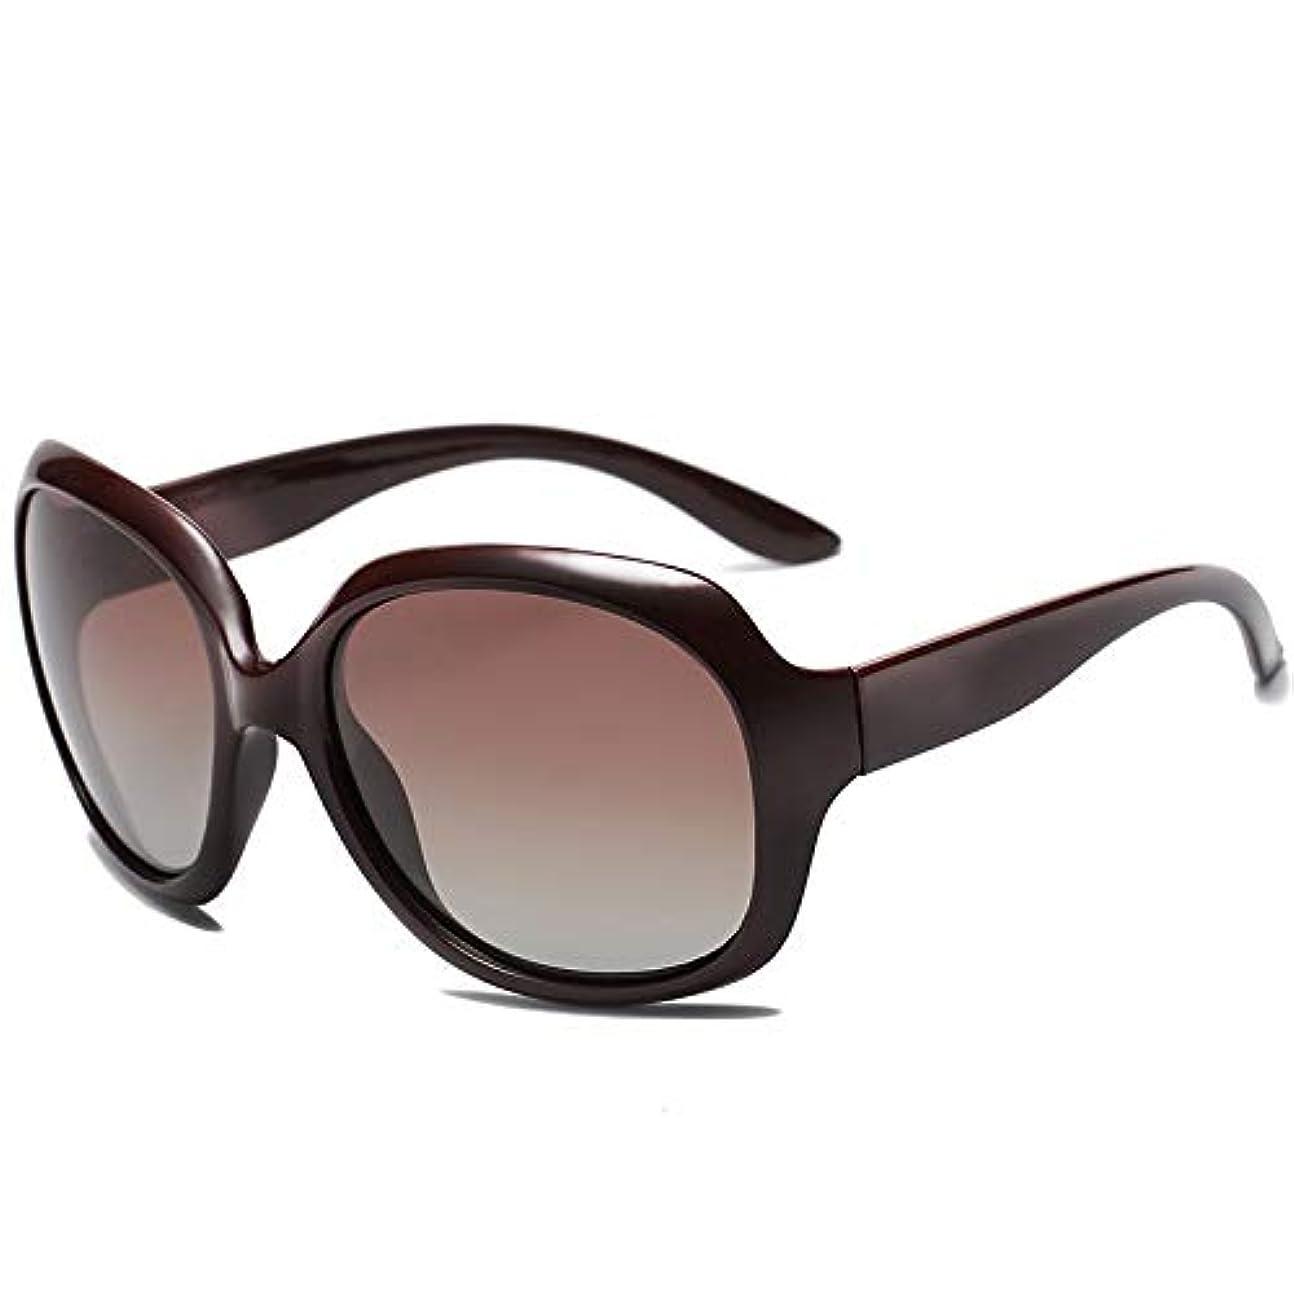 リハーサル増加する電気的Fashion 偏光サングラスブラックフレームオープンサングラスビッグフレームレトロサングラスアイウェア Eyewear